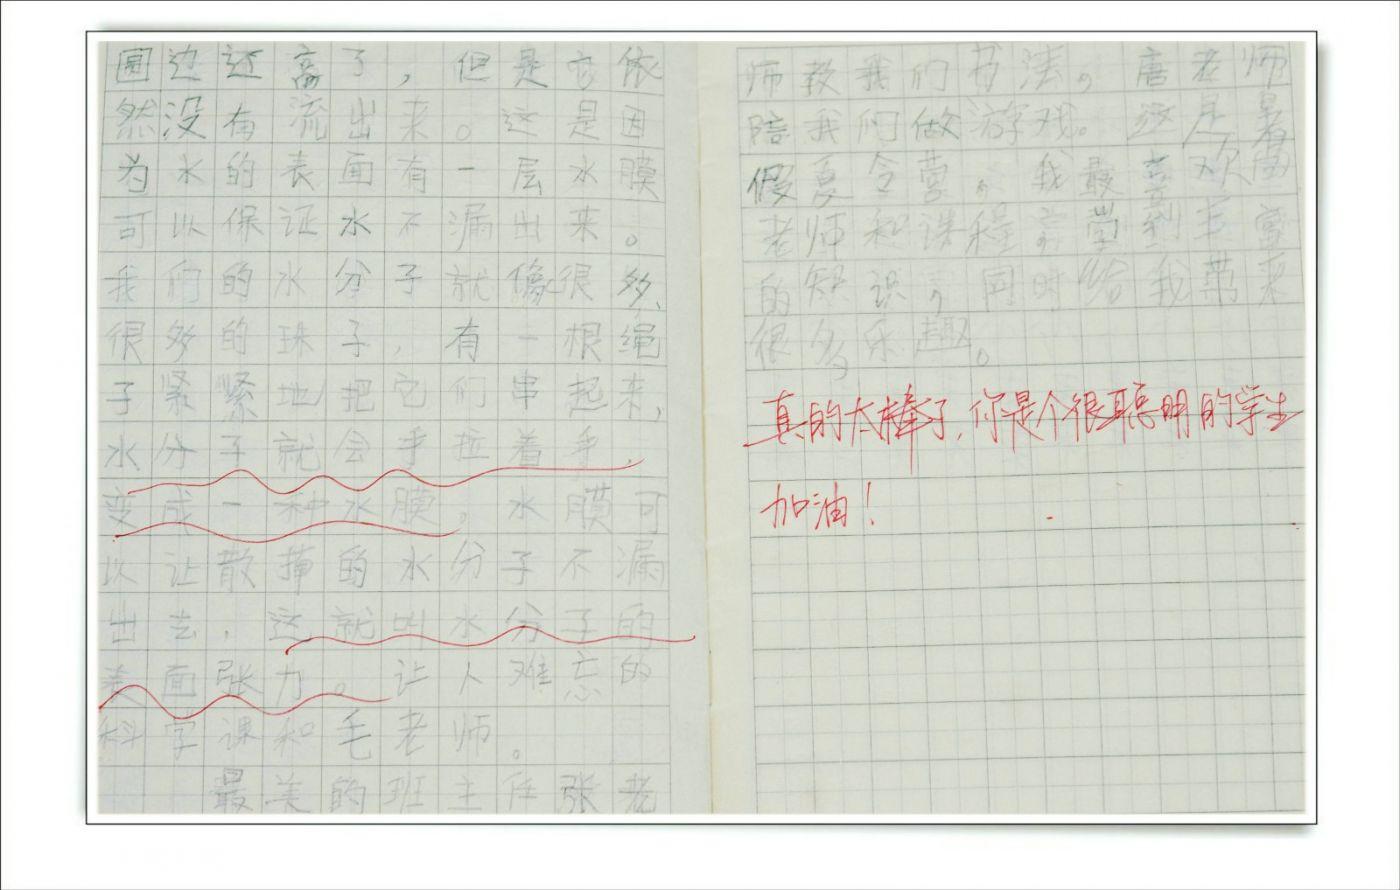 赞新学期孩子读二年级(七律)_图1-6